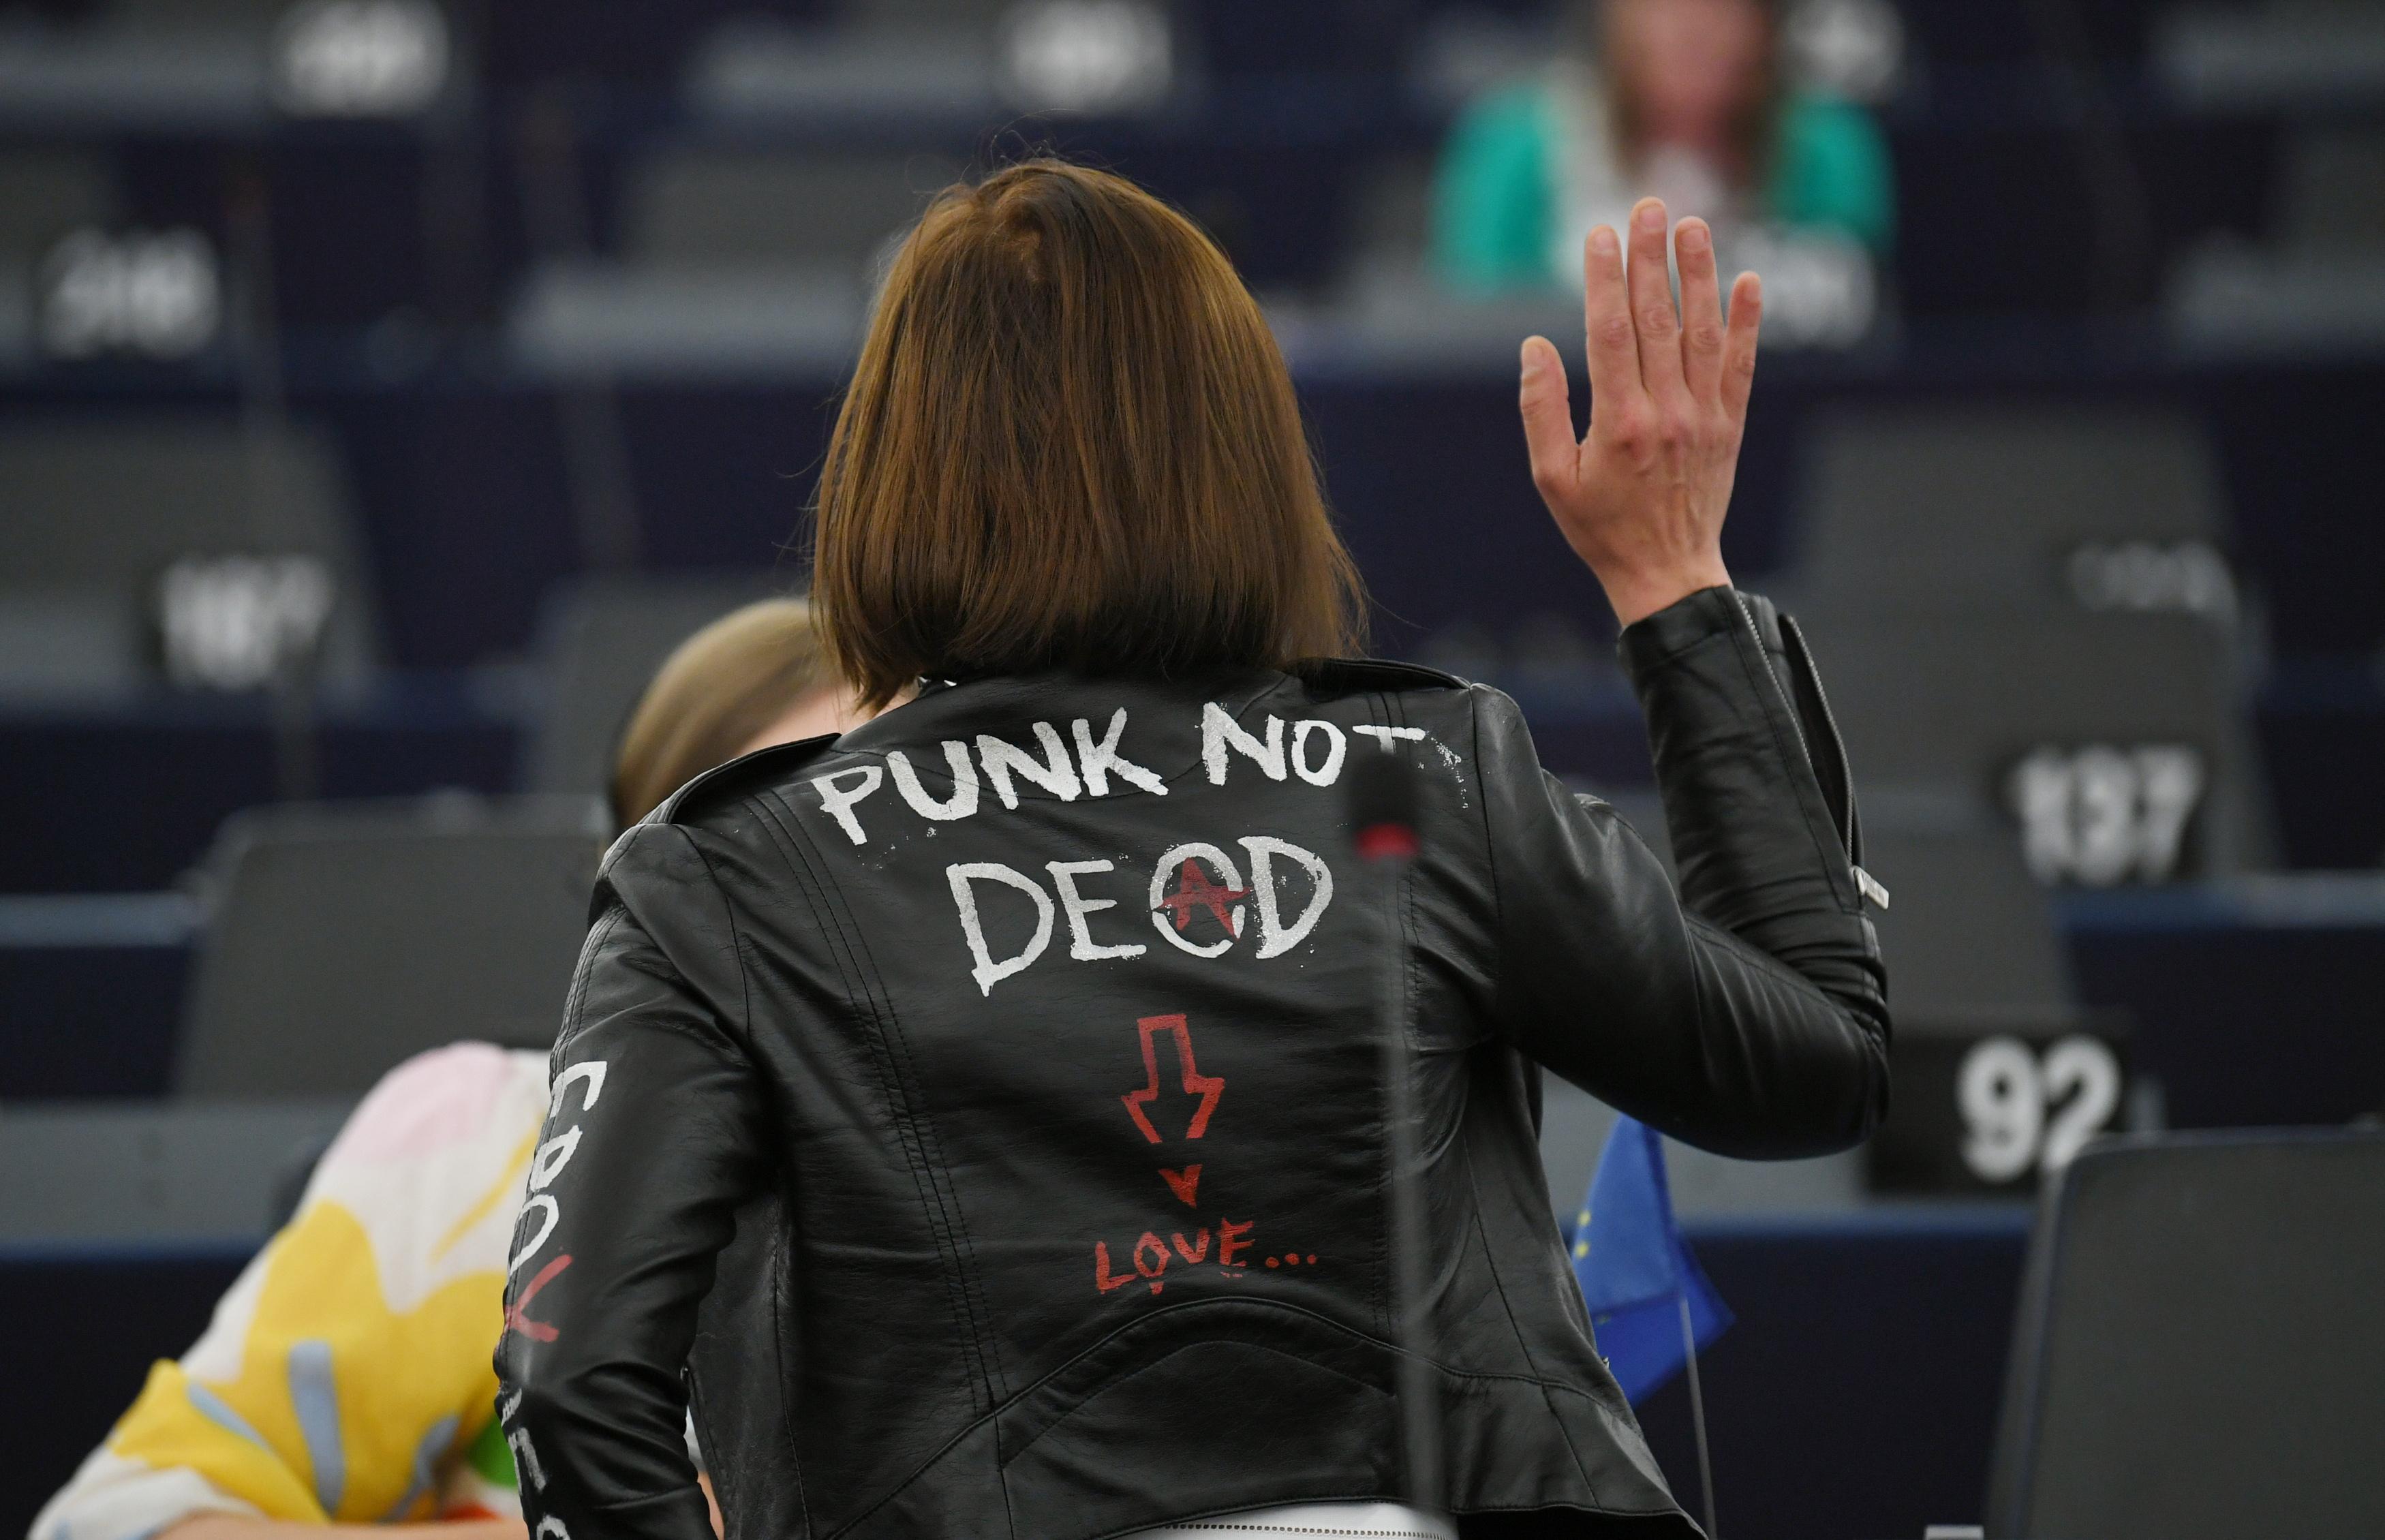 Punknak öltözve, bőrdzsekiben ülésezett az Európai